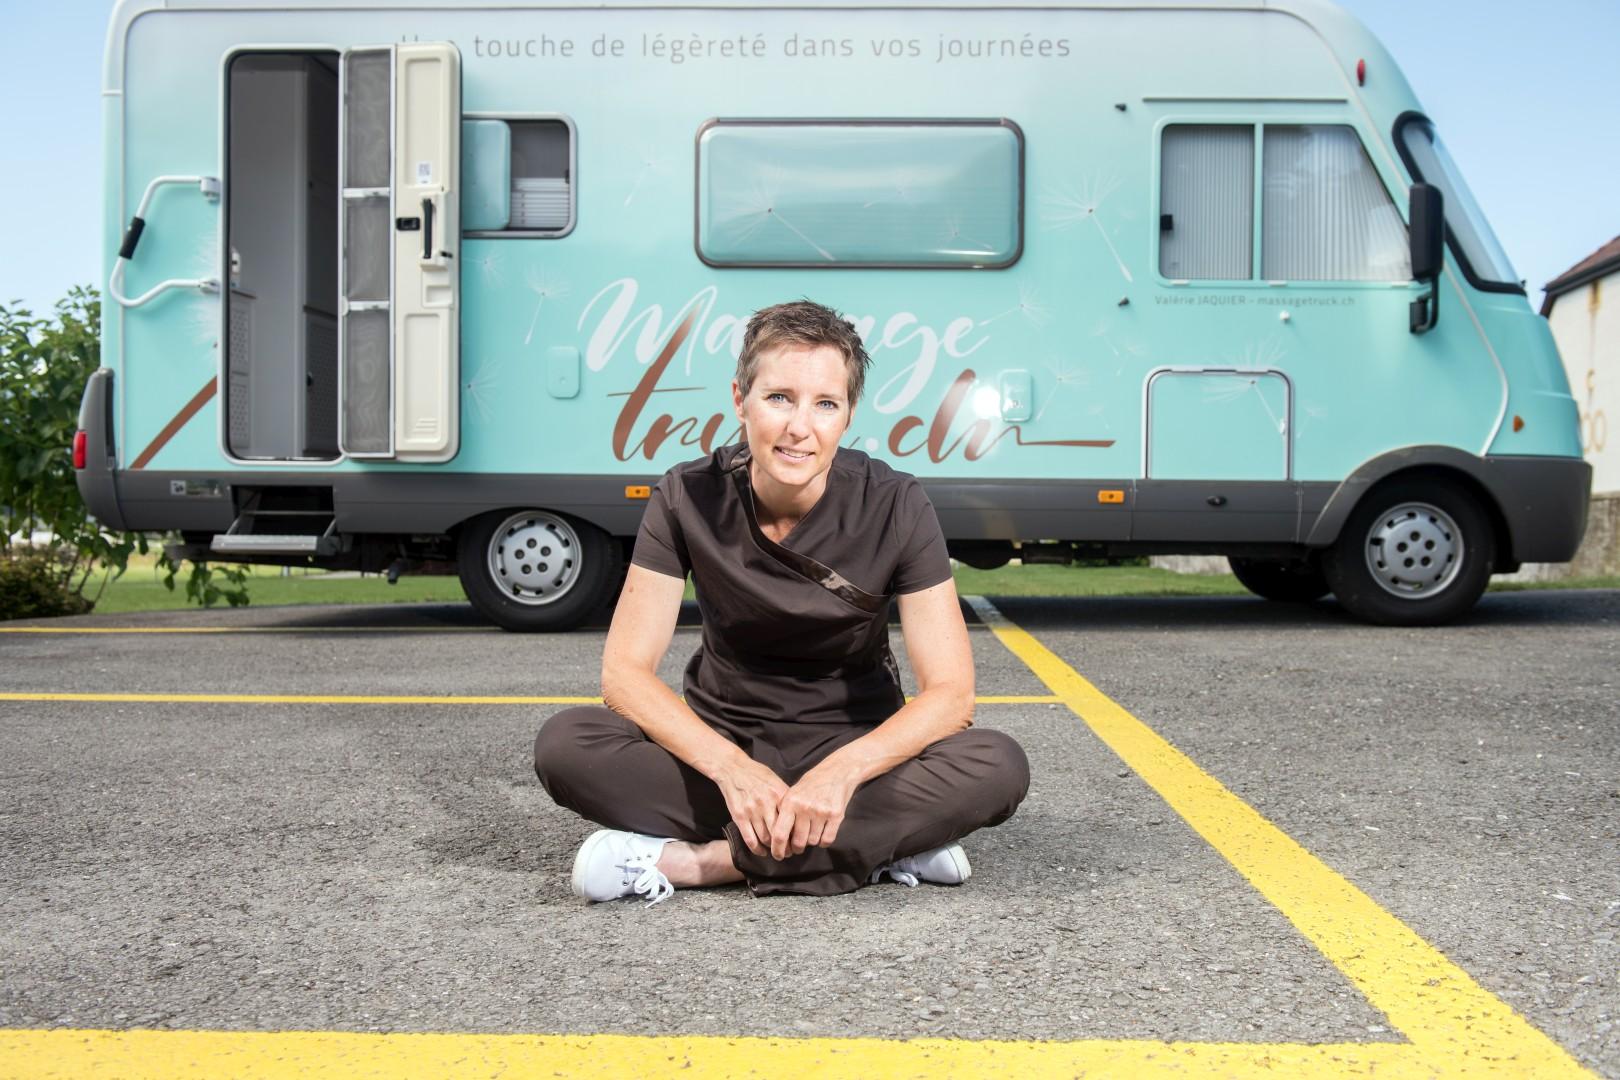 Valérie Jaquier et son massage Truck, Ependes, juillet 2020